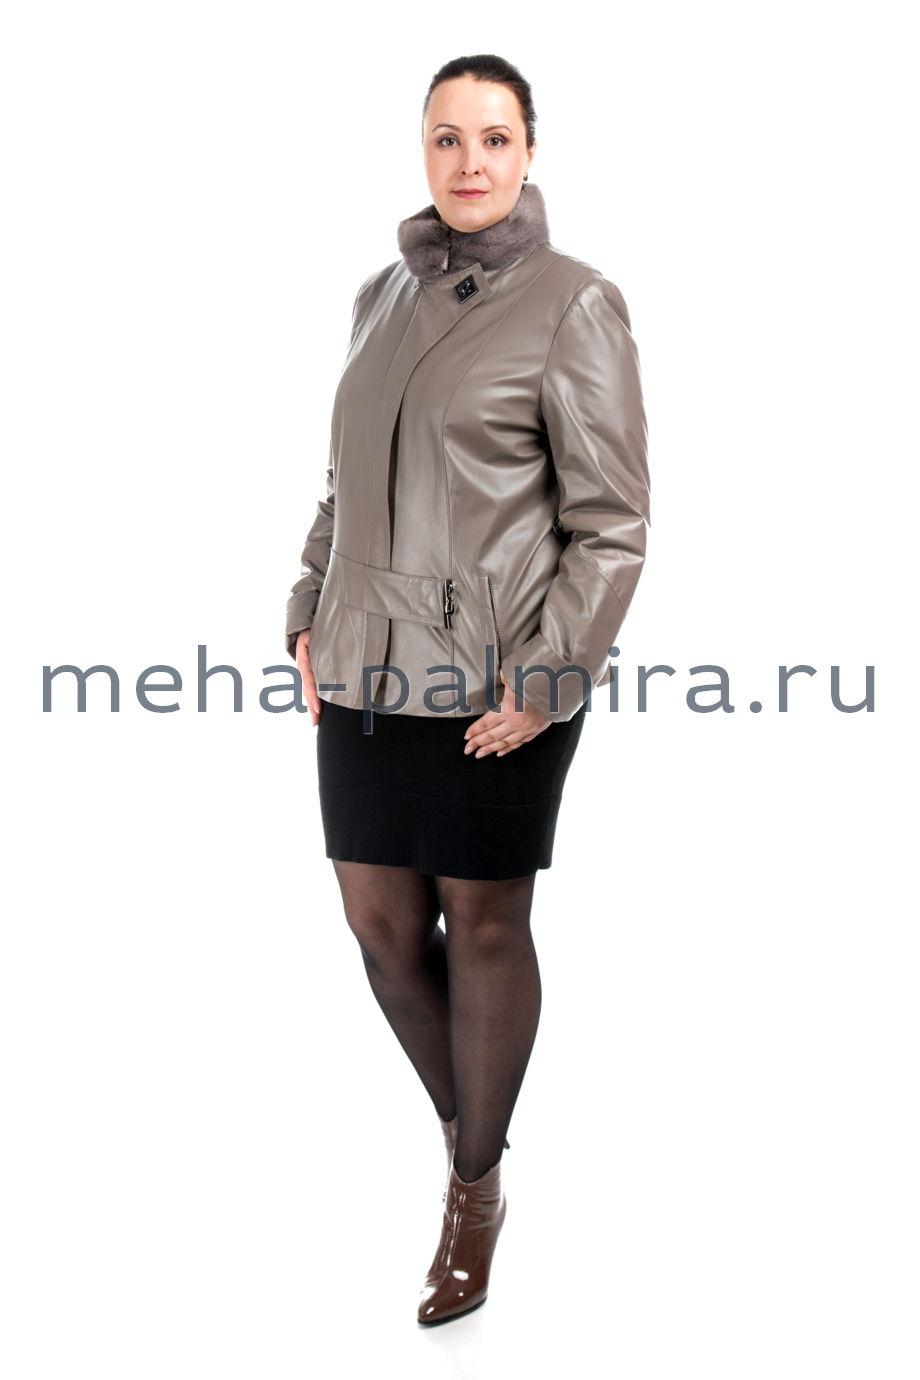 Женская кожаная куртка на синтепоне, цвет бежевый